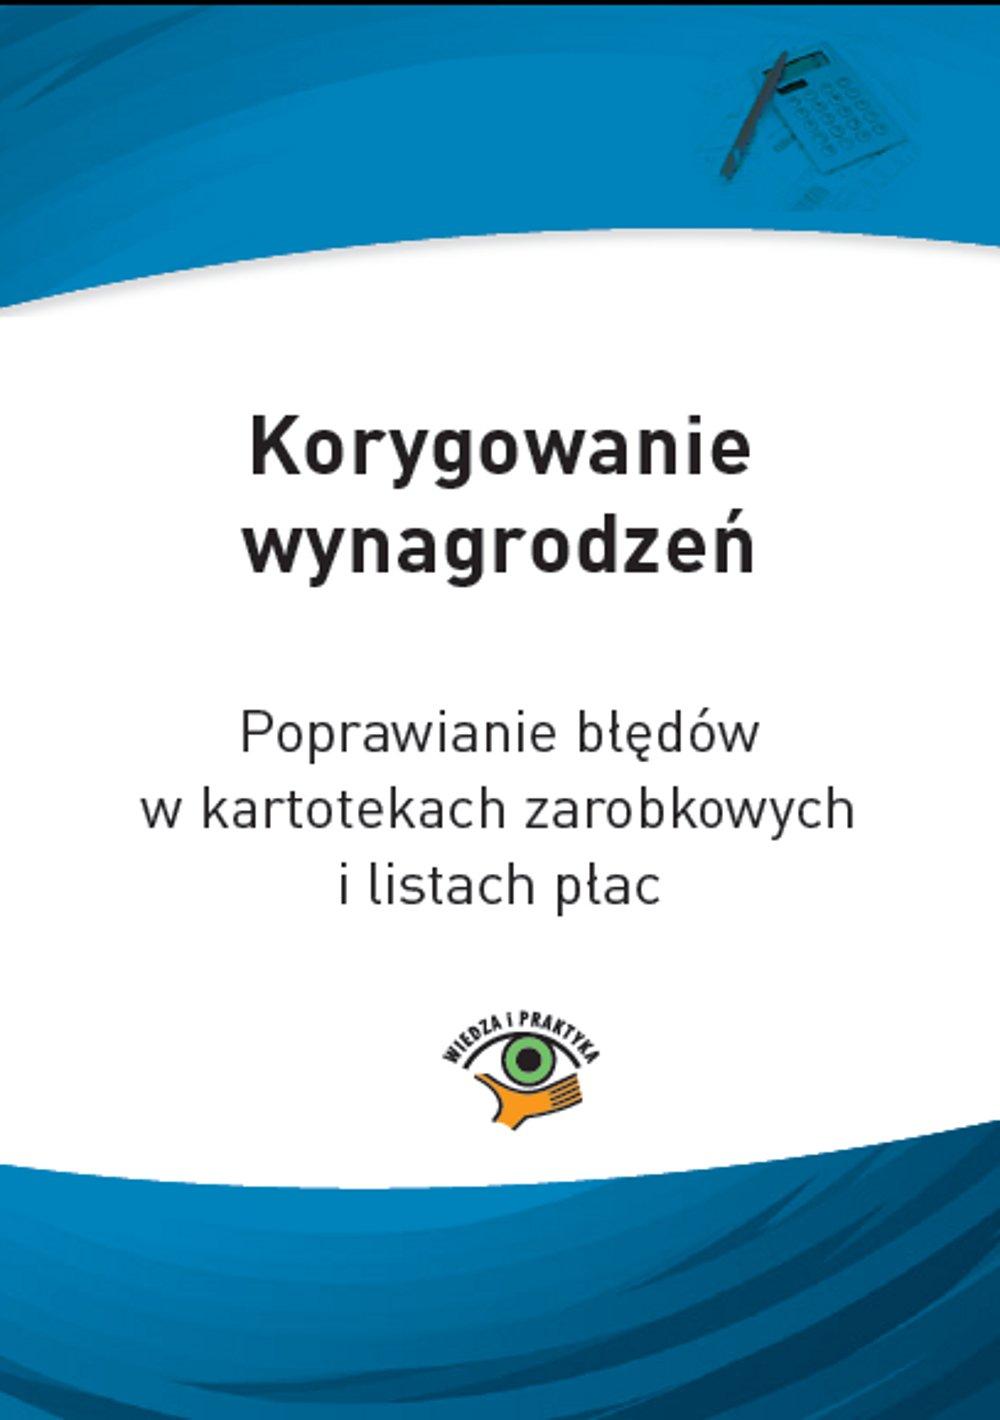 Korygowanie wynagrodzeń. Poprawianie błędów w kartotekach zarobkowych i listach płac - Ebook (Książka PDF) do pobrania w formacie PDF